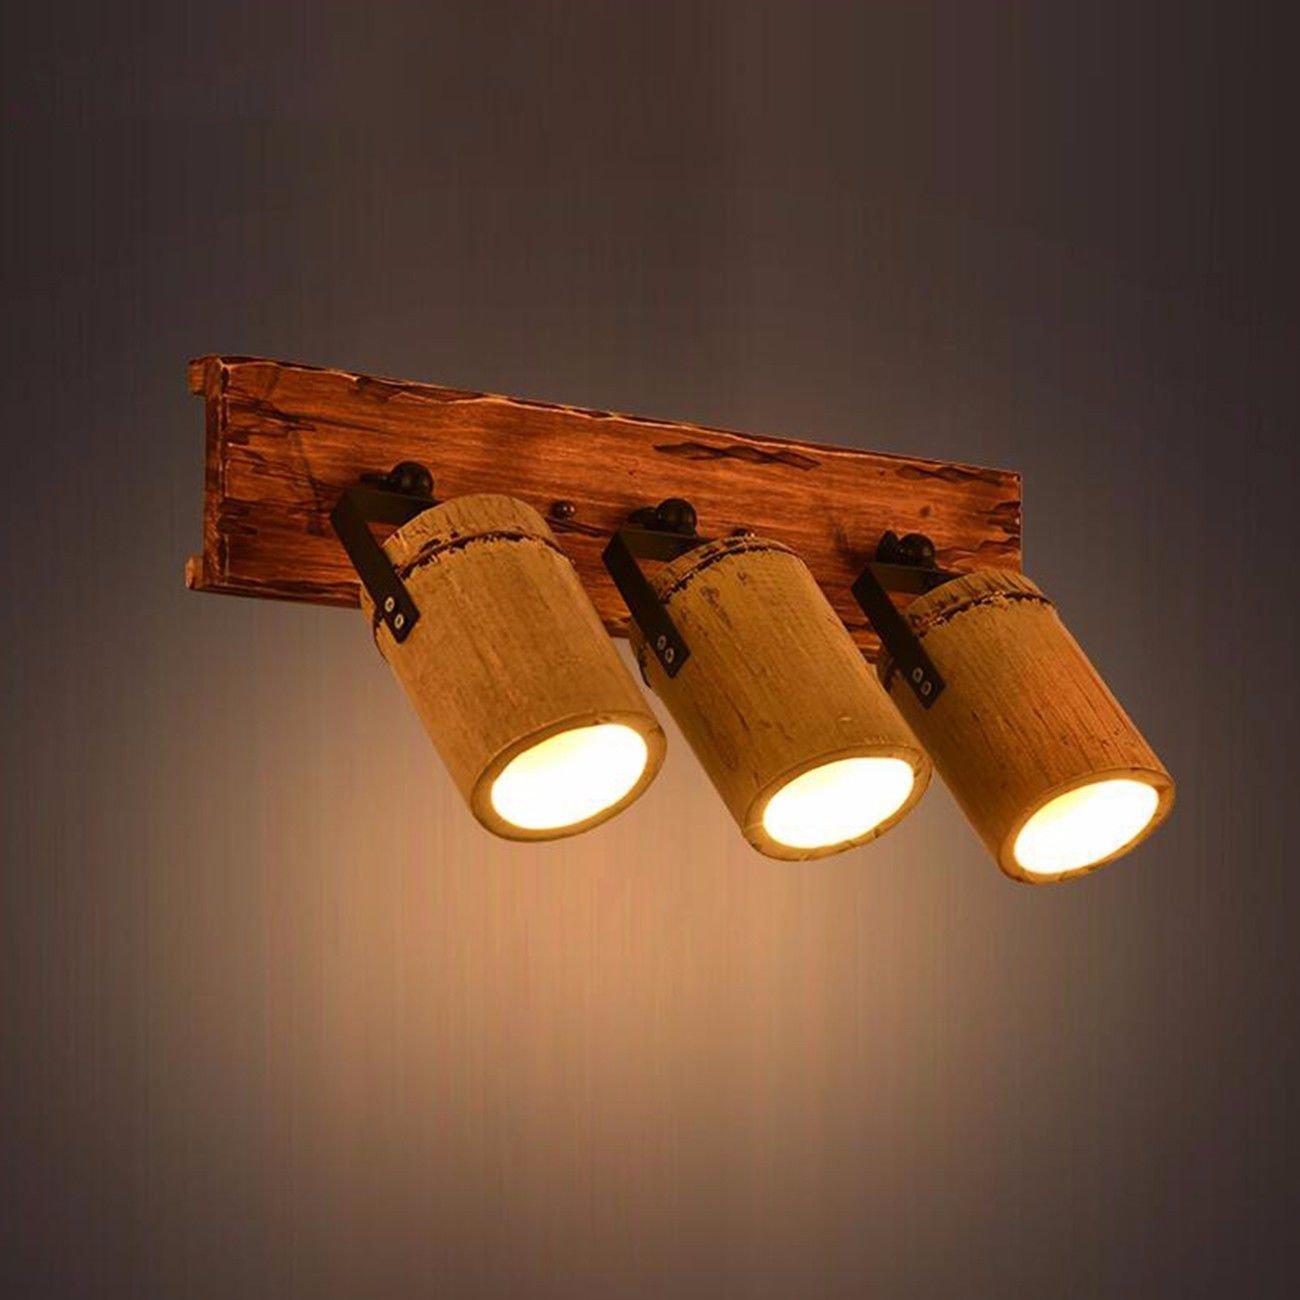 Lampada da parete American Vintage (Vento Loft Bambù Legno Duro Personalità Creativa Bar Bar Bar Scale Muro Lampada,A